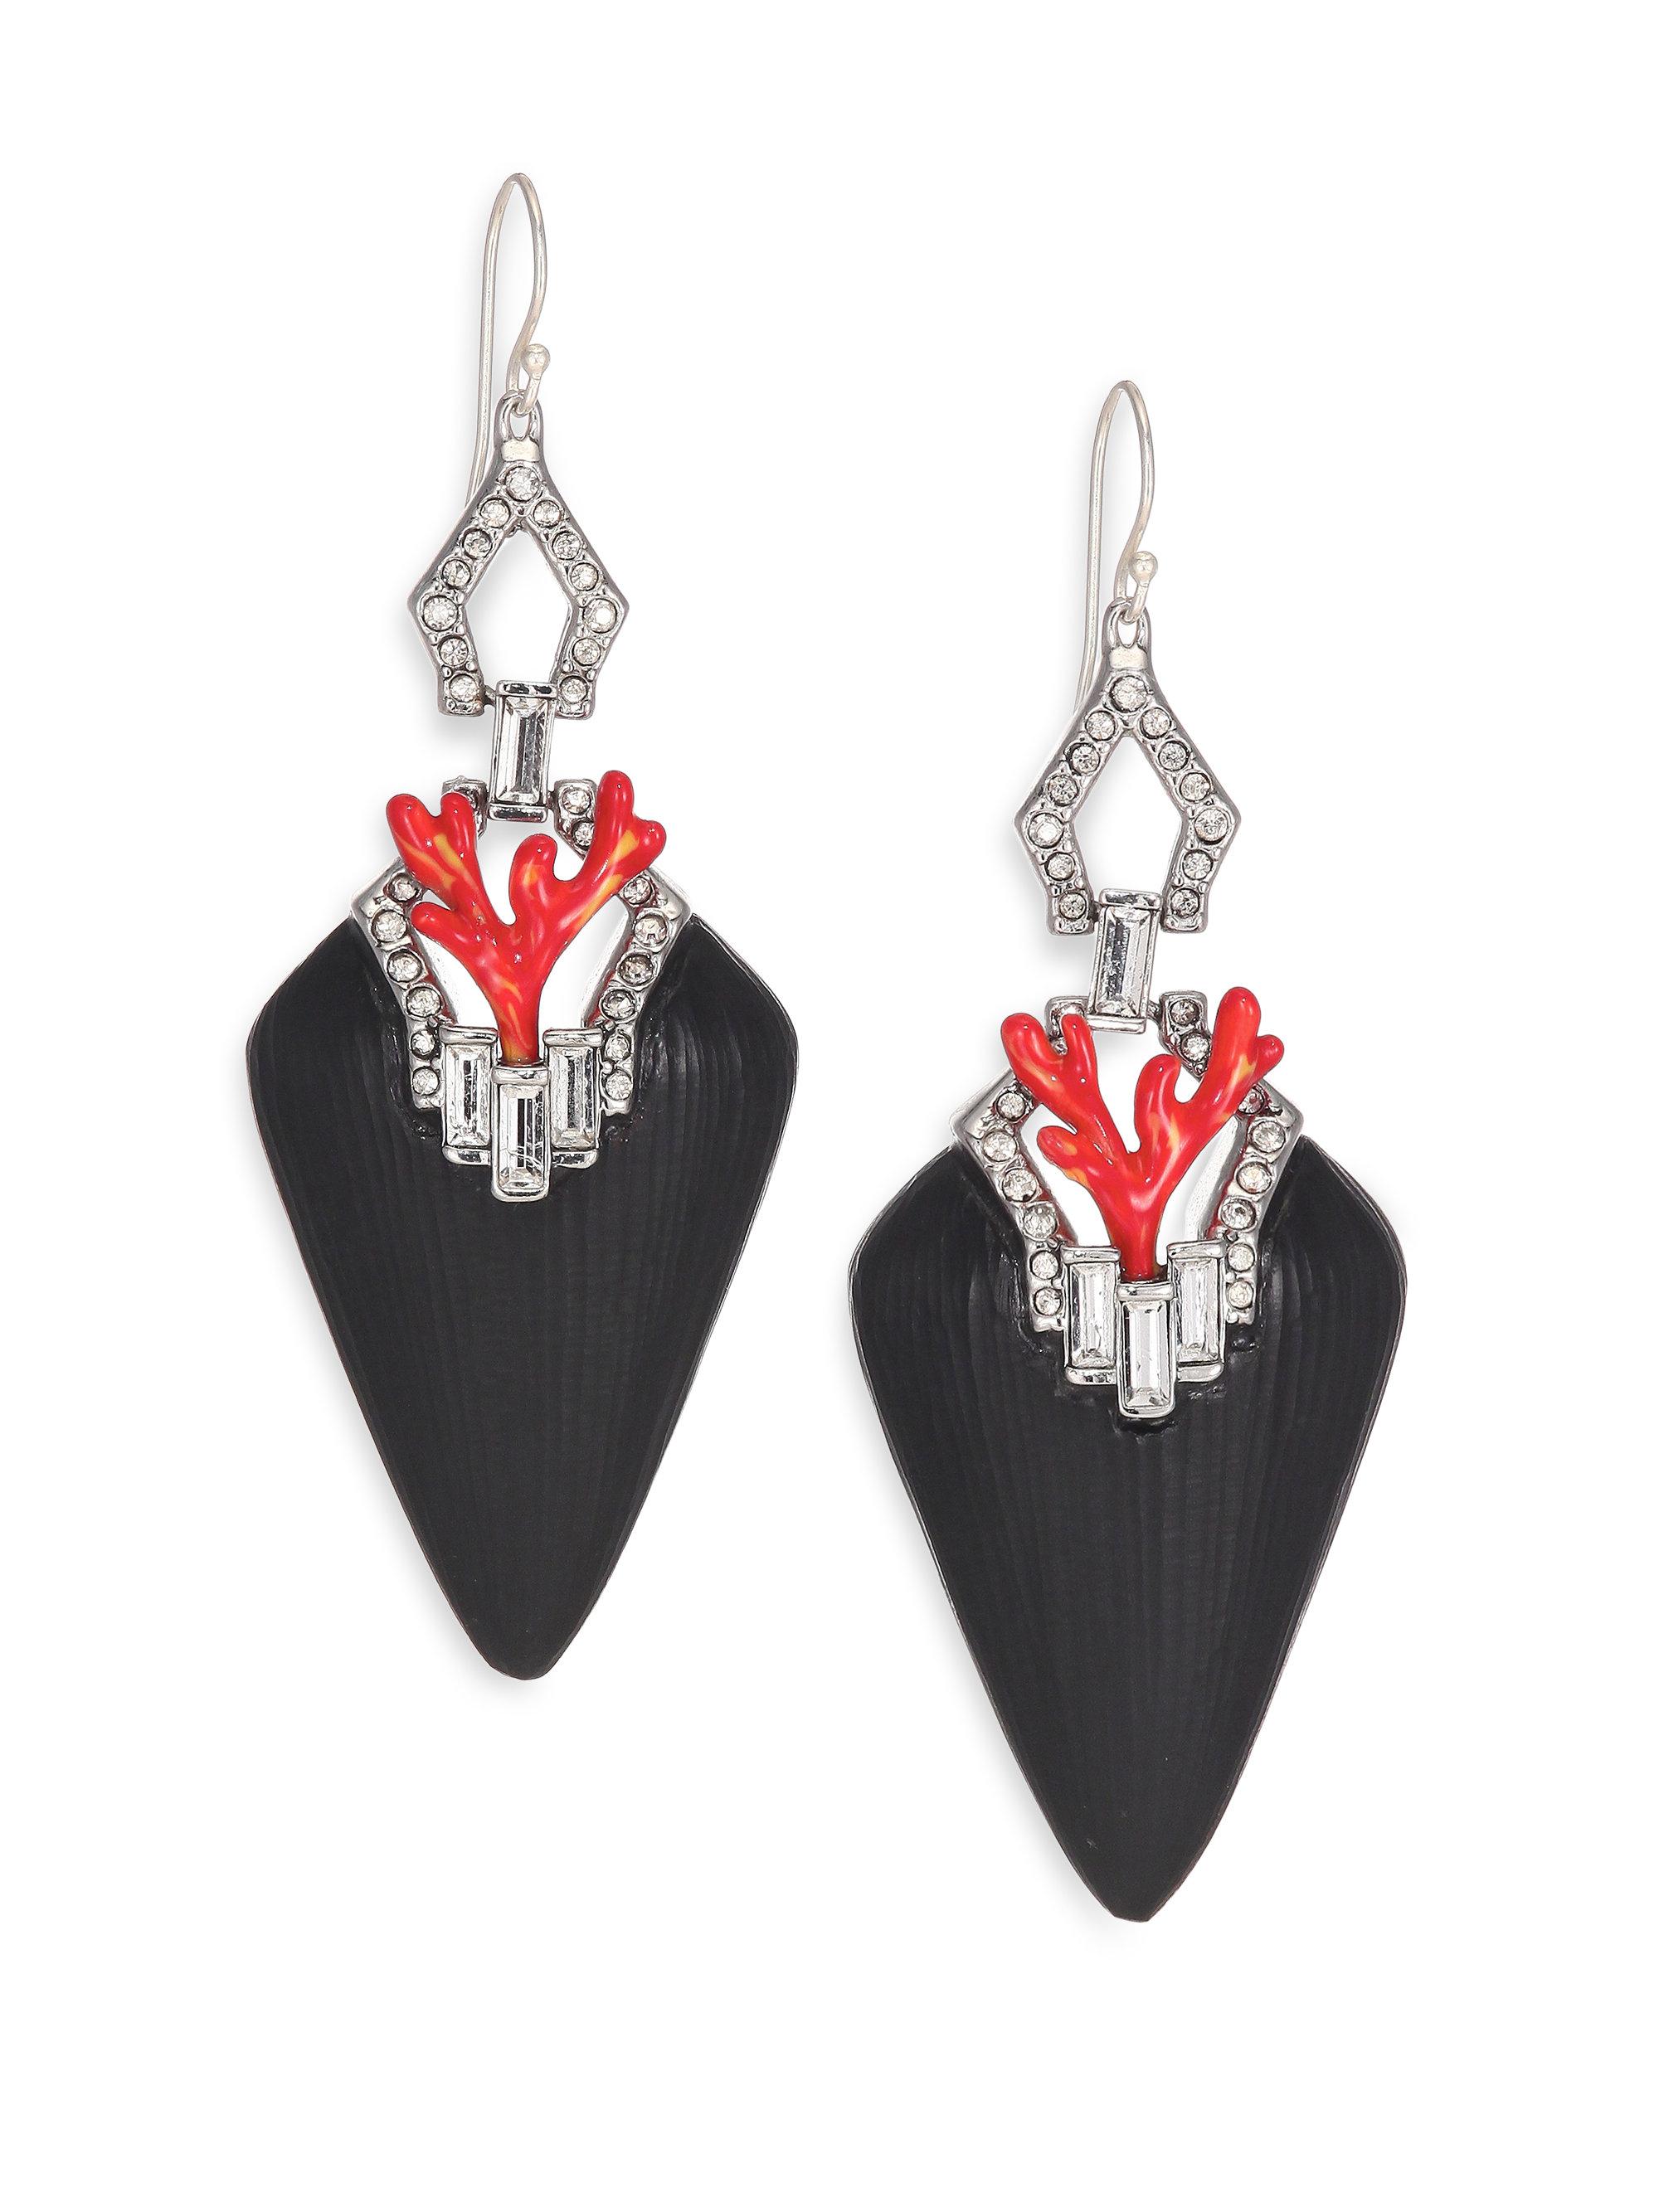 Alexis bittar Coral Deco Lucite Crystal & Enamel Baguette Drop